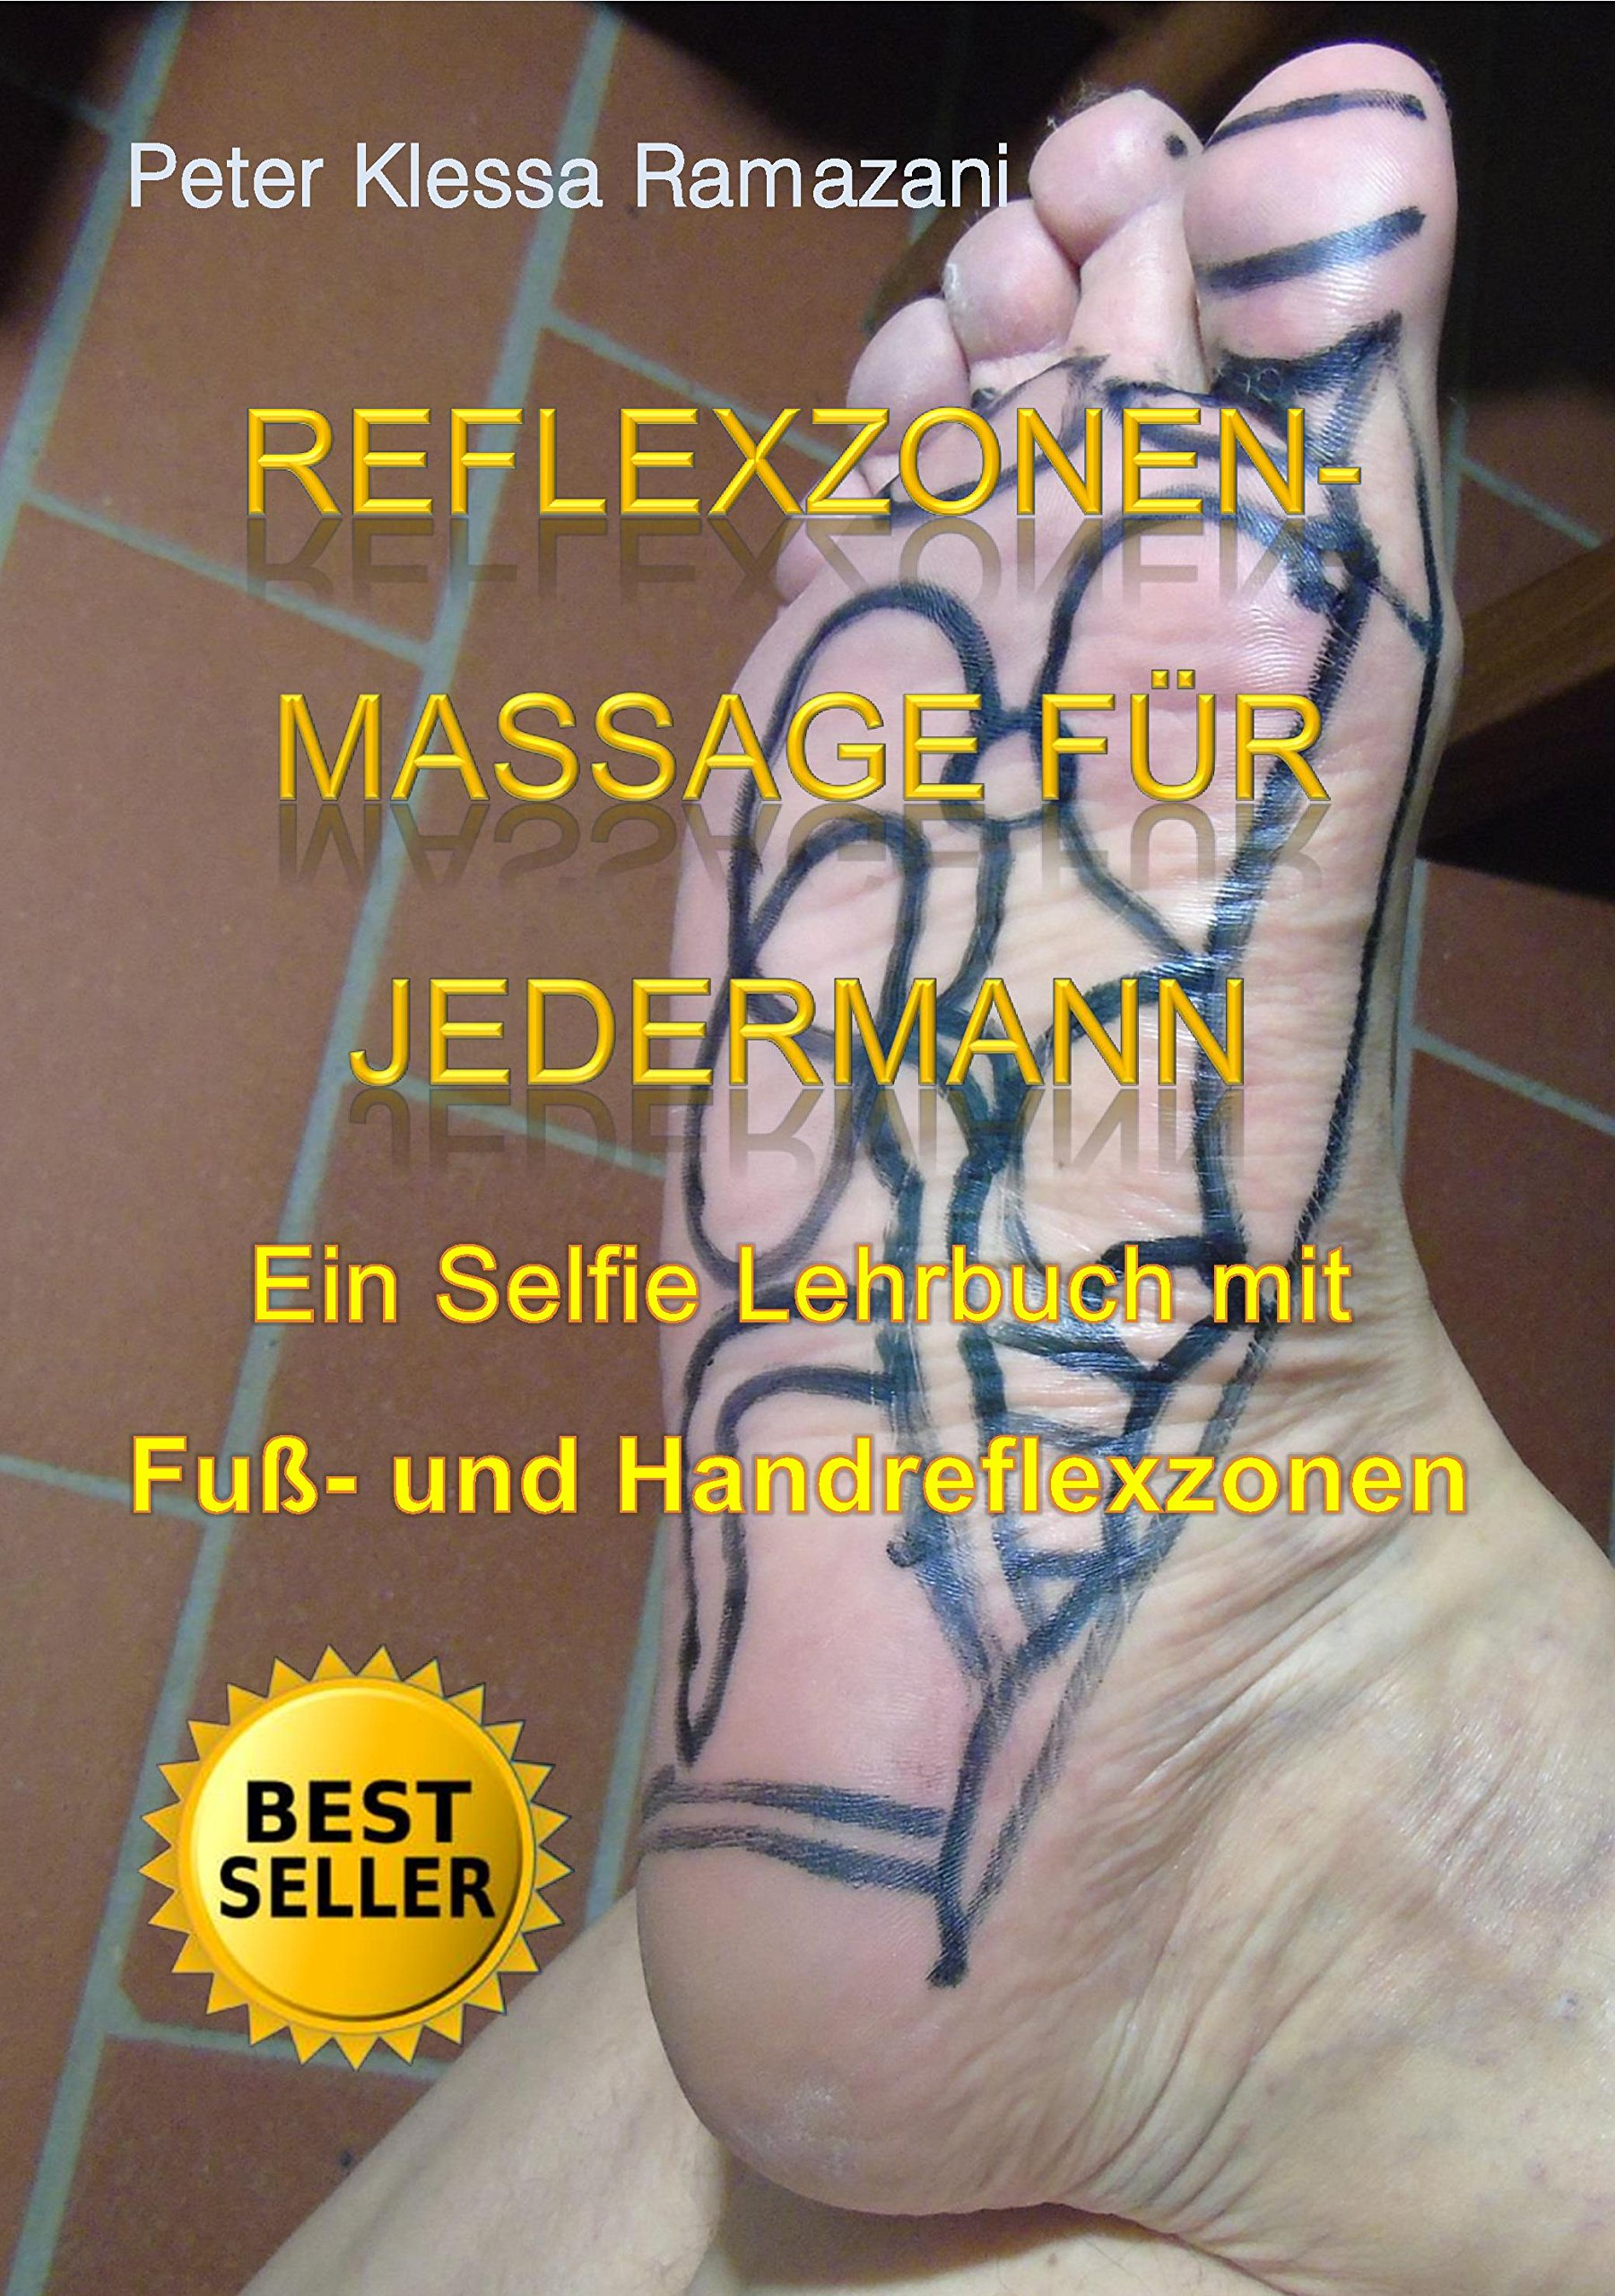 REFLEXZONEN MASSAGE FÜR JEDERMANN  Ein Selfie Lehrbuch Mit Fuß  Und Handreflexzonen